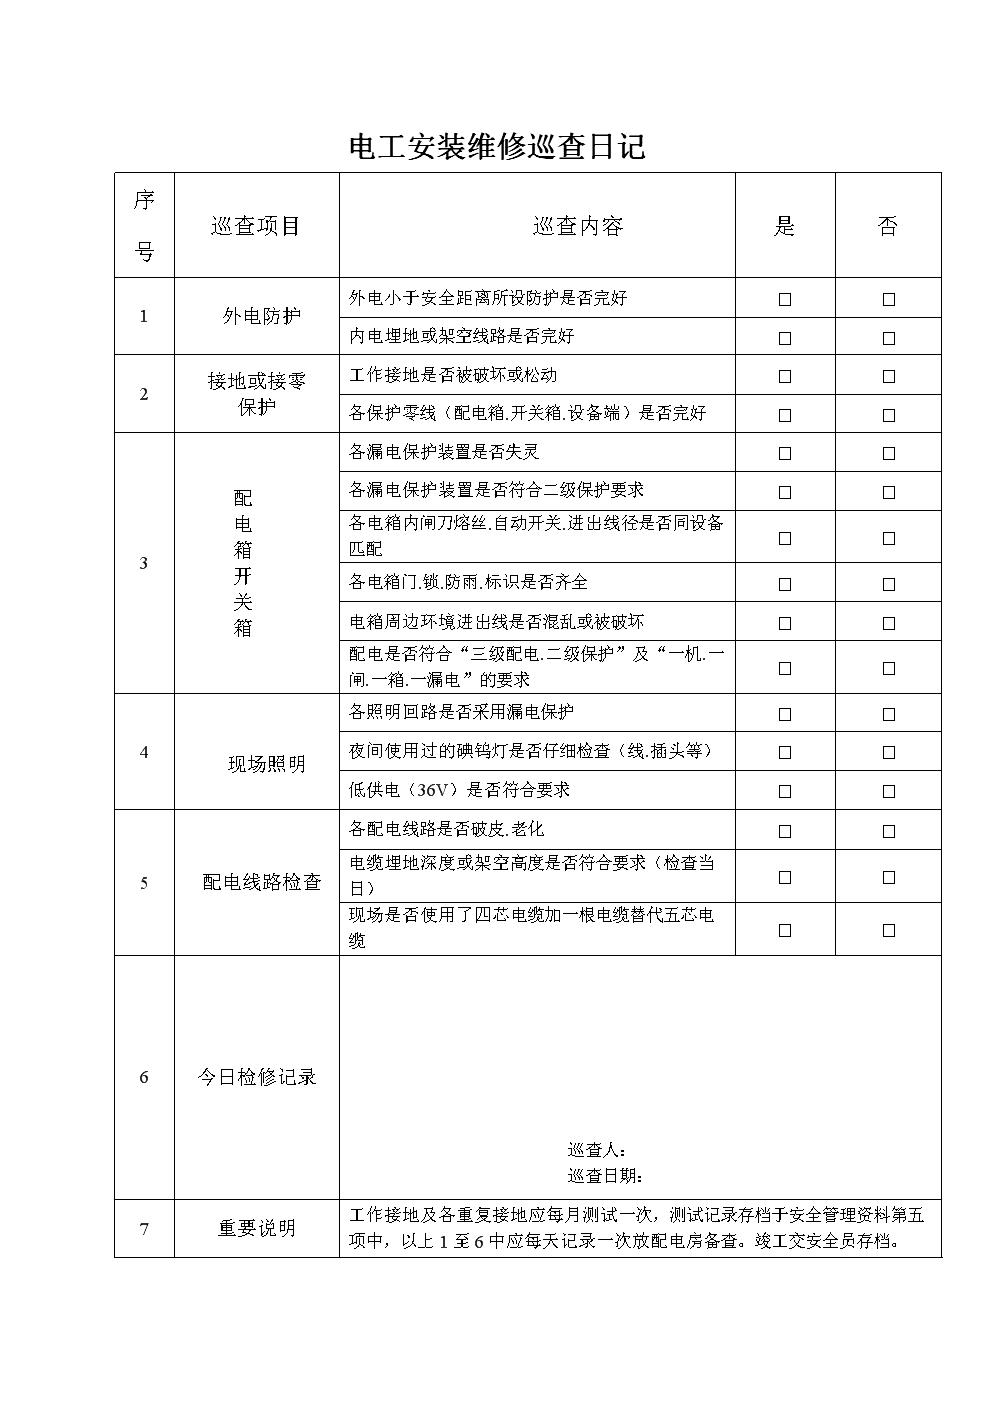 电工安装维修巡查日记.doc